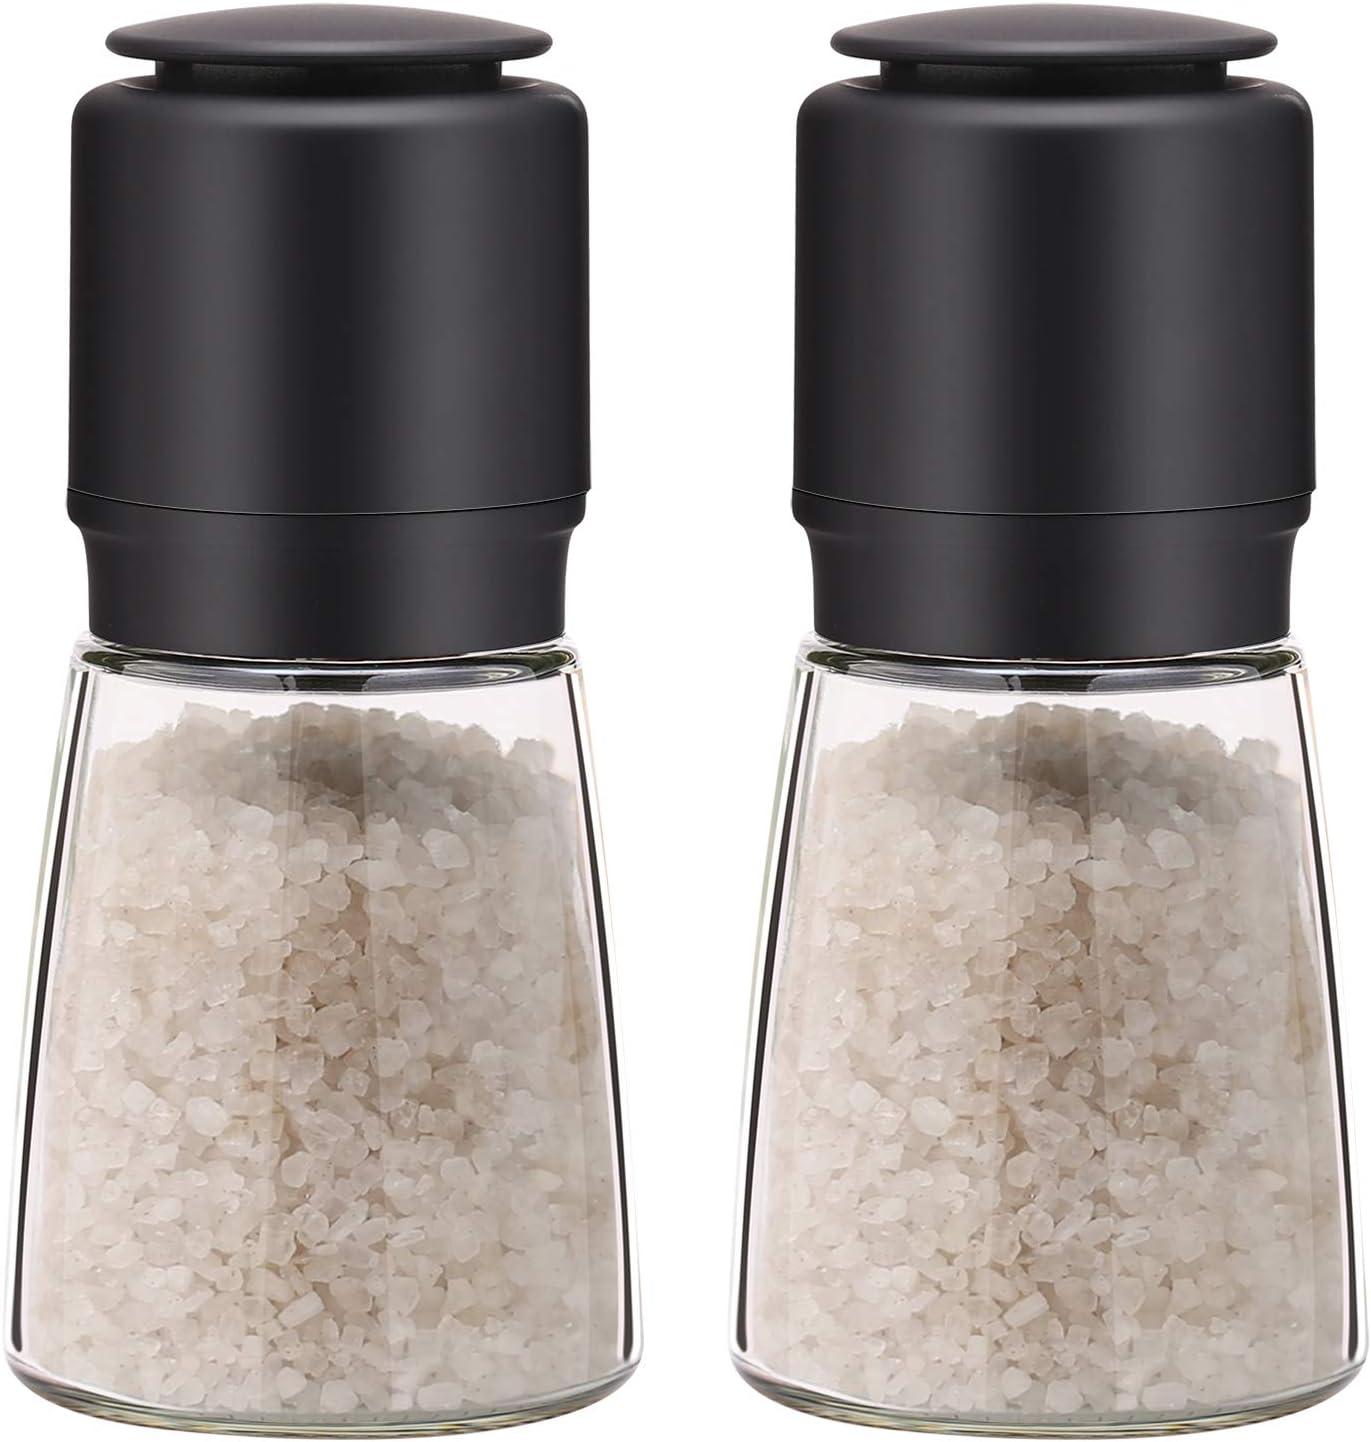 AMINNO Pepper Mills Adjustable Coarseness Spice Grinder Salt Pepper Mill 2 Pack, Food Grade Ceramic Grinder Blades, Kitchen Gadgets Tool Easy to use